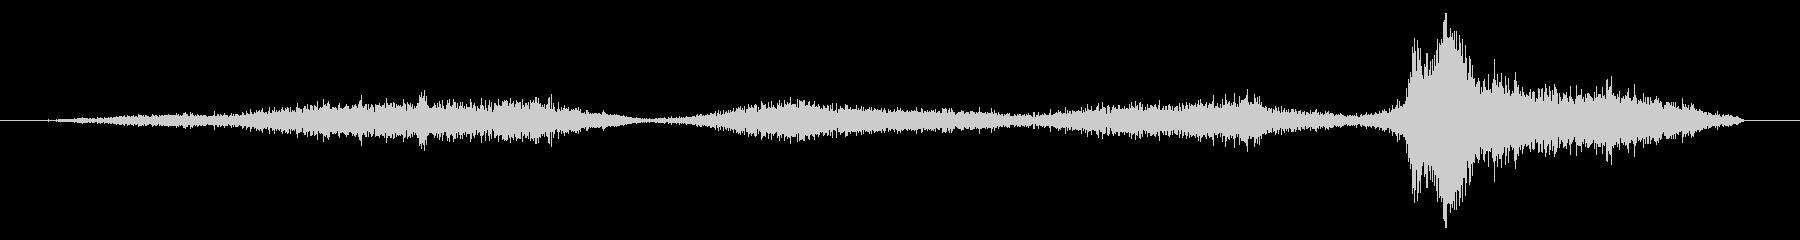 メタルショベル:サンド、フォリー、...の未再生の波形